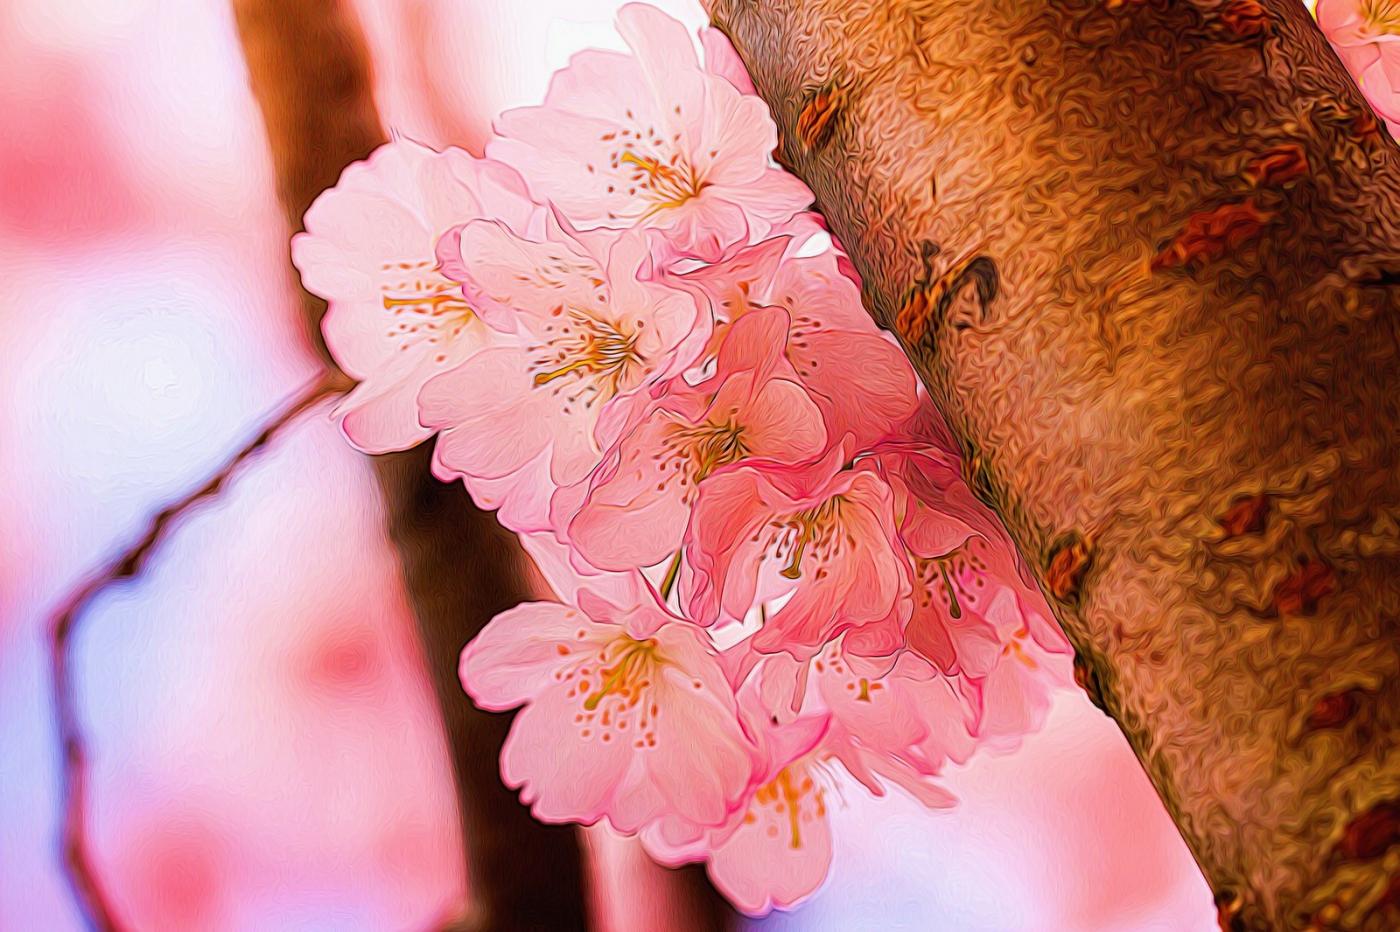 樱花秀_图1-3